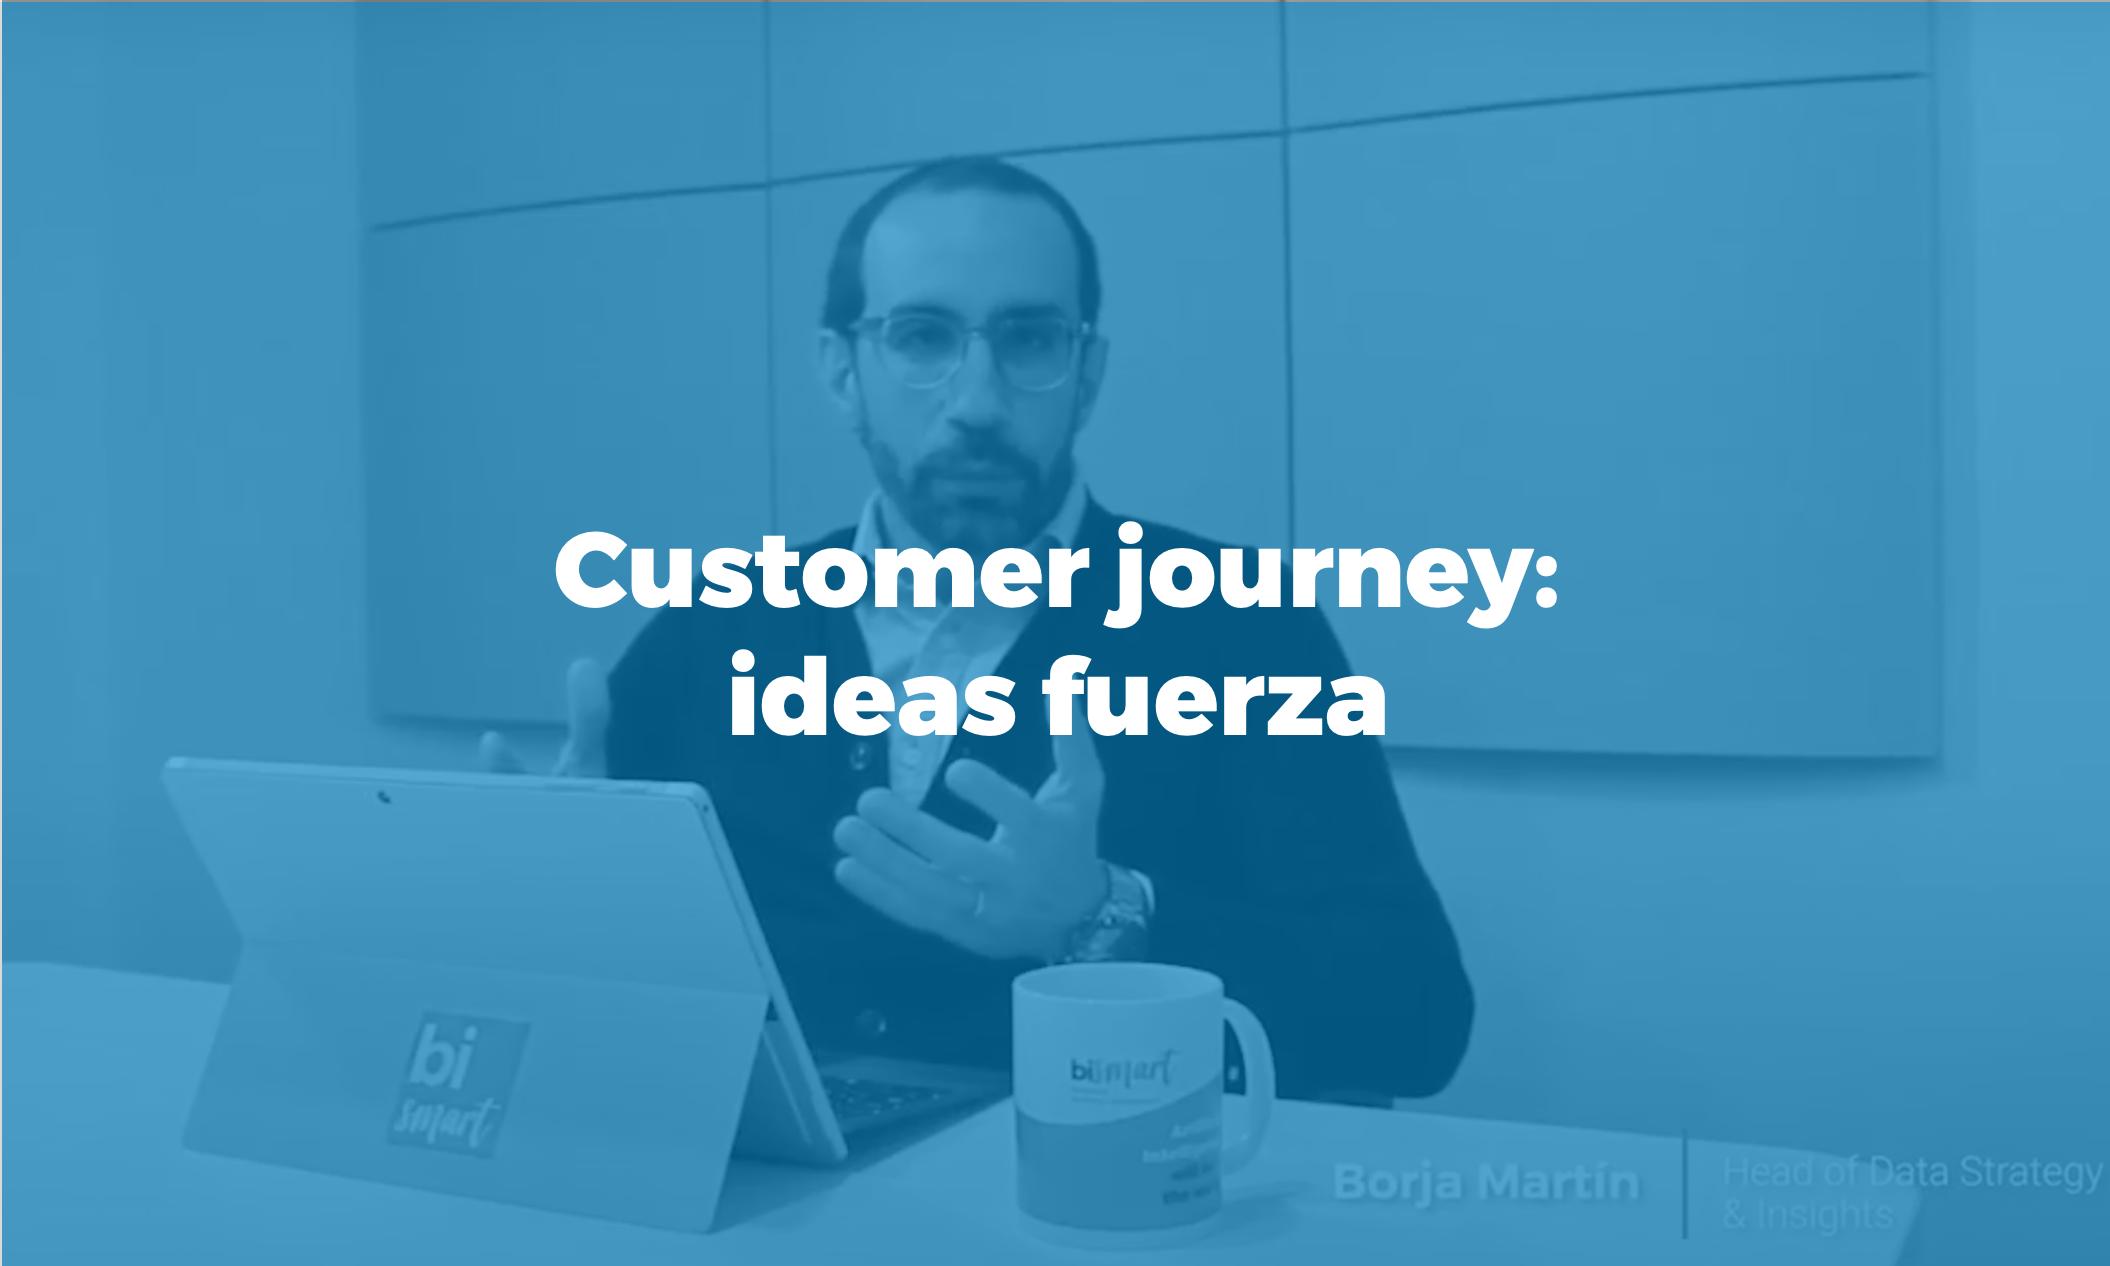 Bismart Customer Journey ideas fuerza